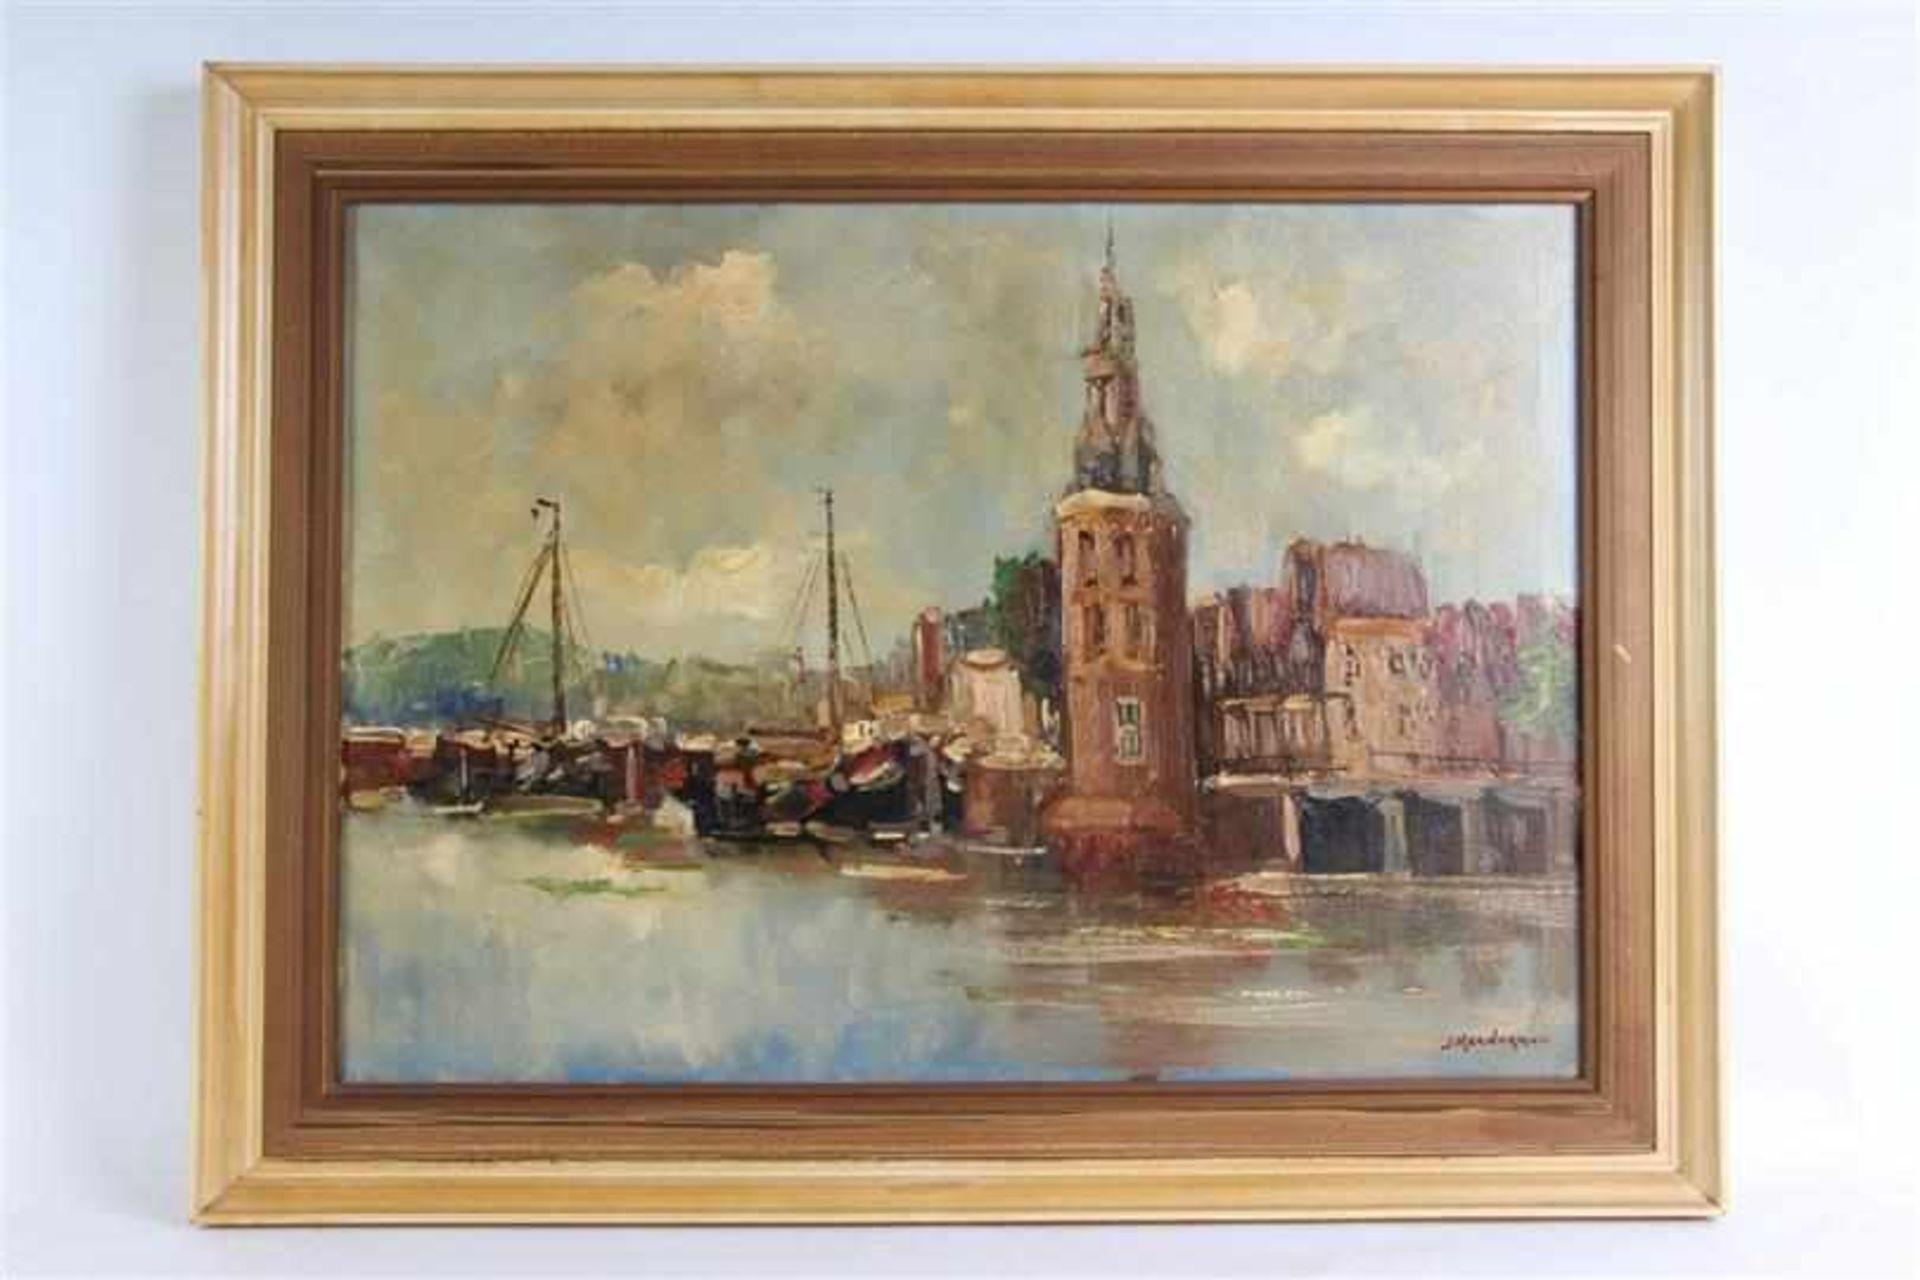 Schilderij, olieverf op doek, 'Gezicht op de Montelbaanstoren te Amsterdam'. Jan Kelderman (1914-